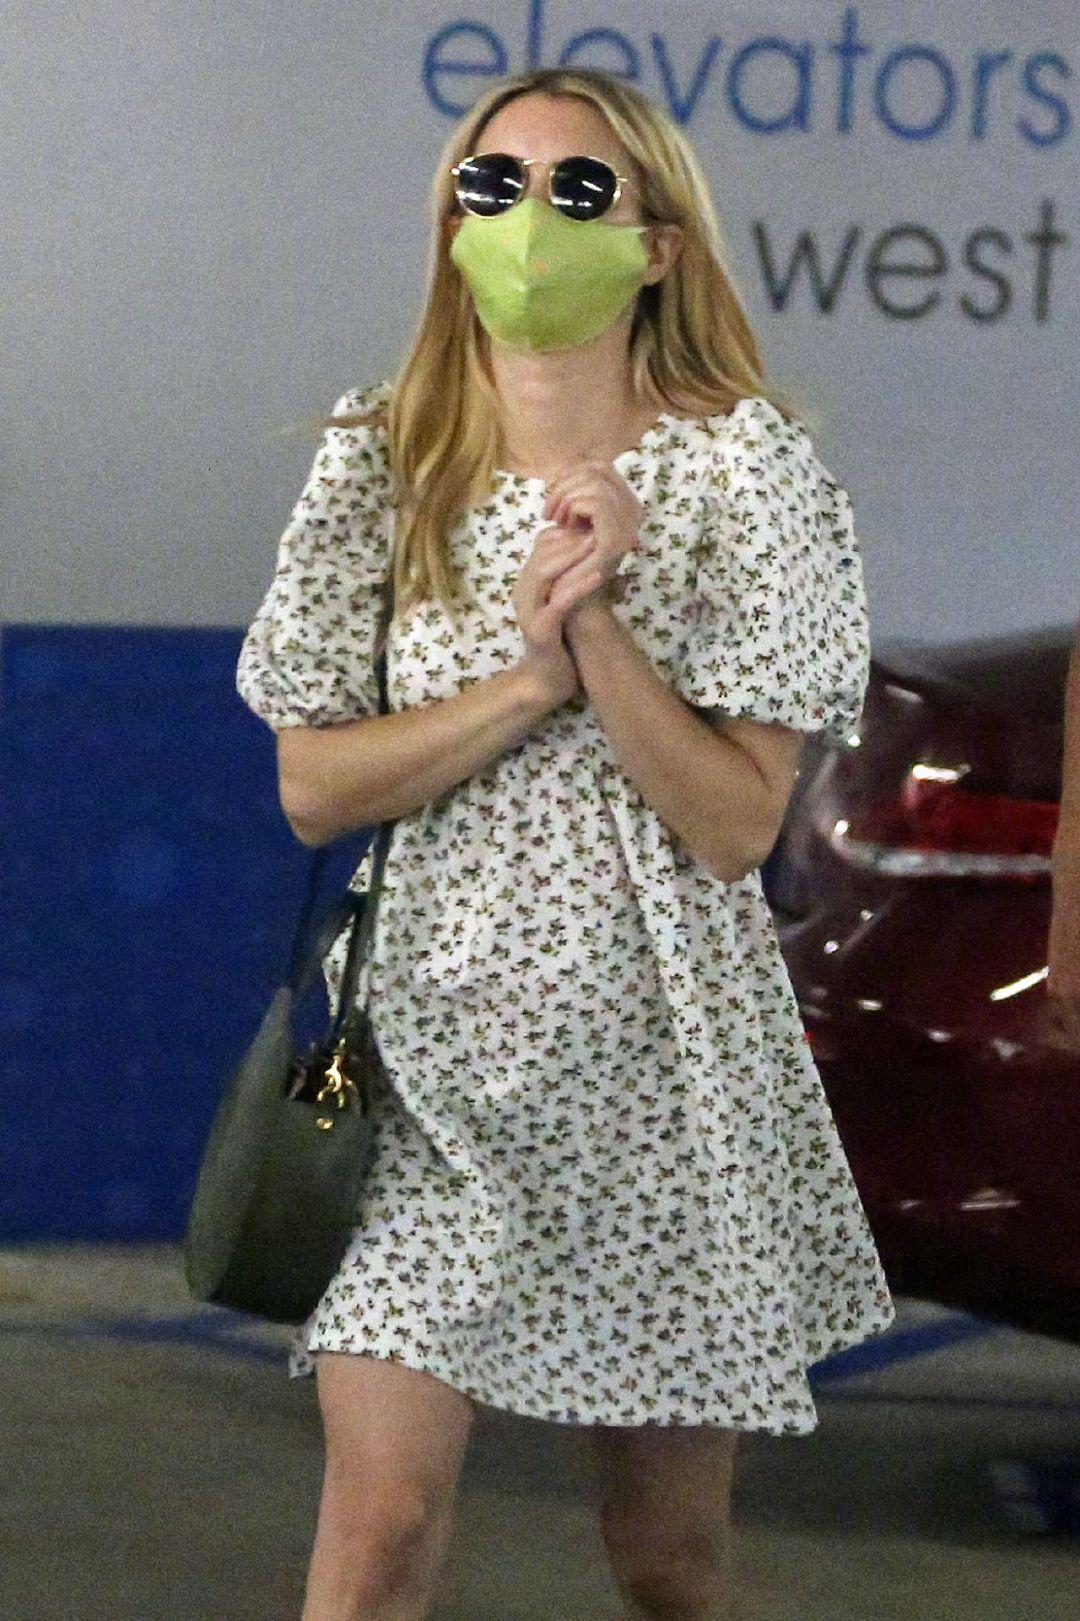 当地时间7月6日,艾玛·罗伯茨(Emma Roberts)身穿印花短裙